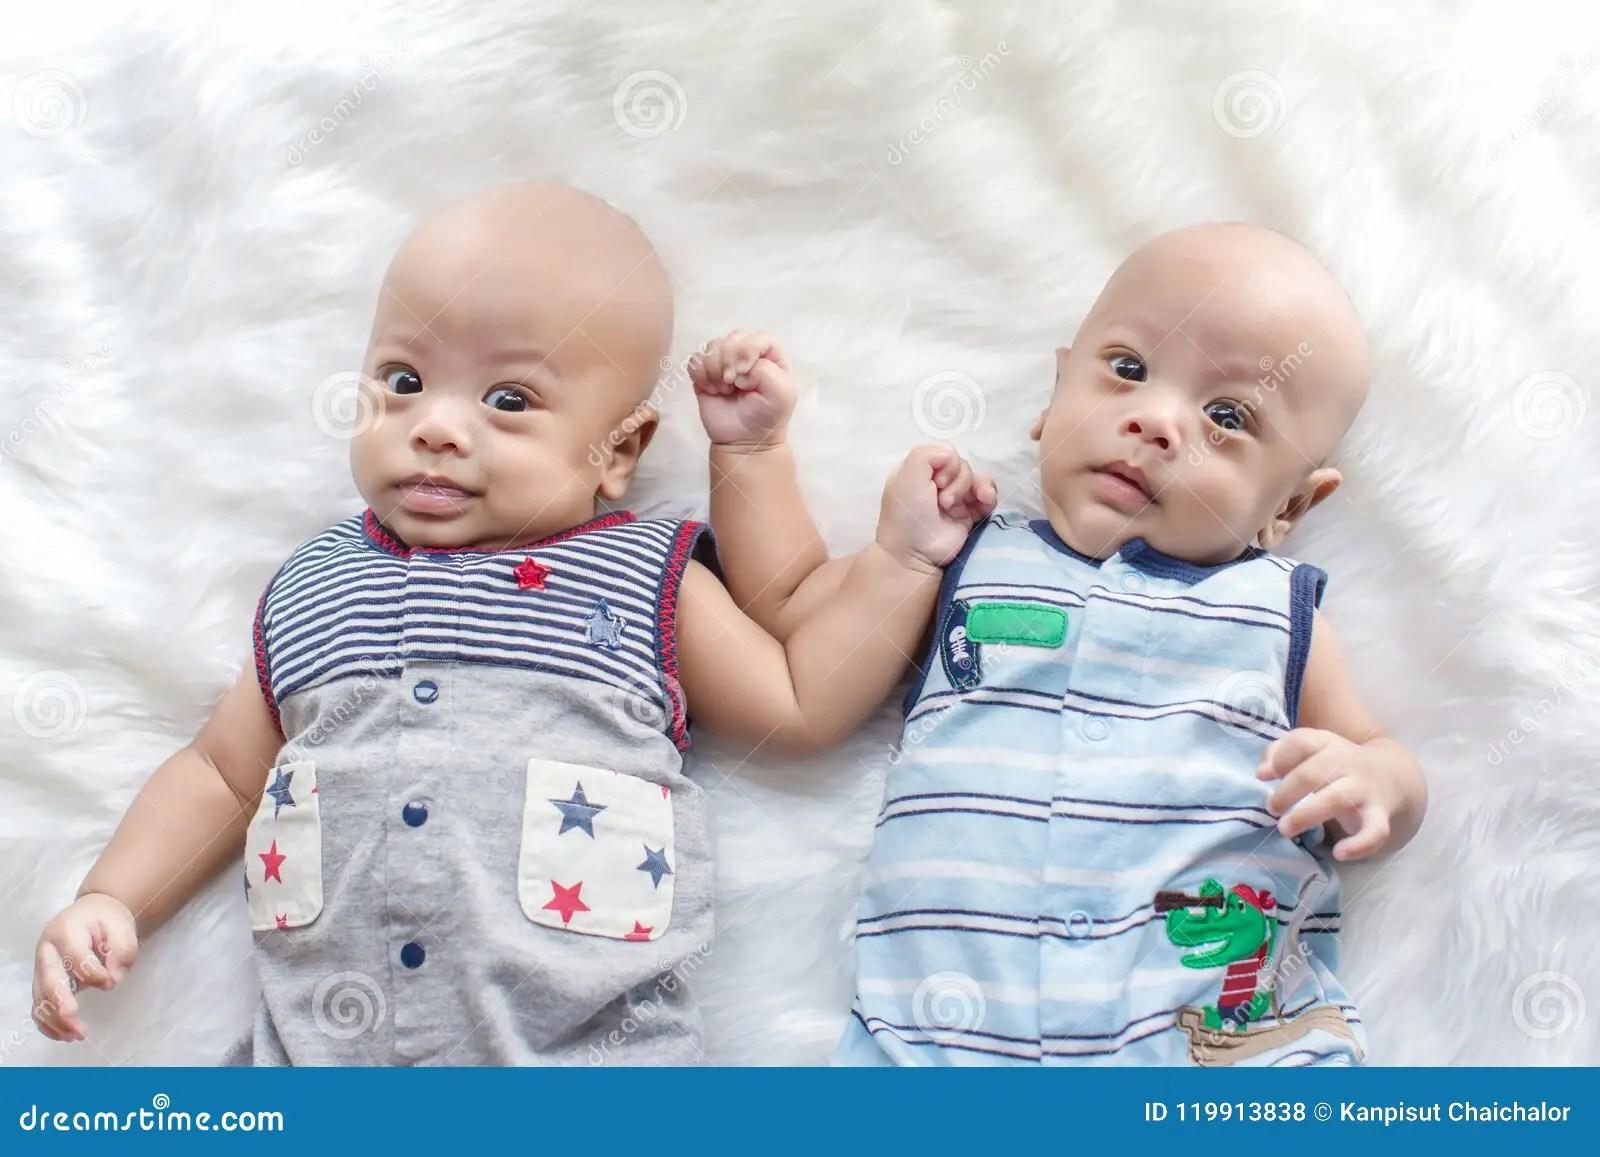 newborn twins sleeping newborn